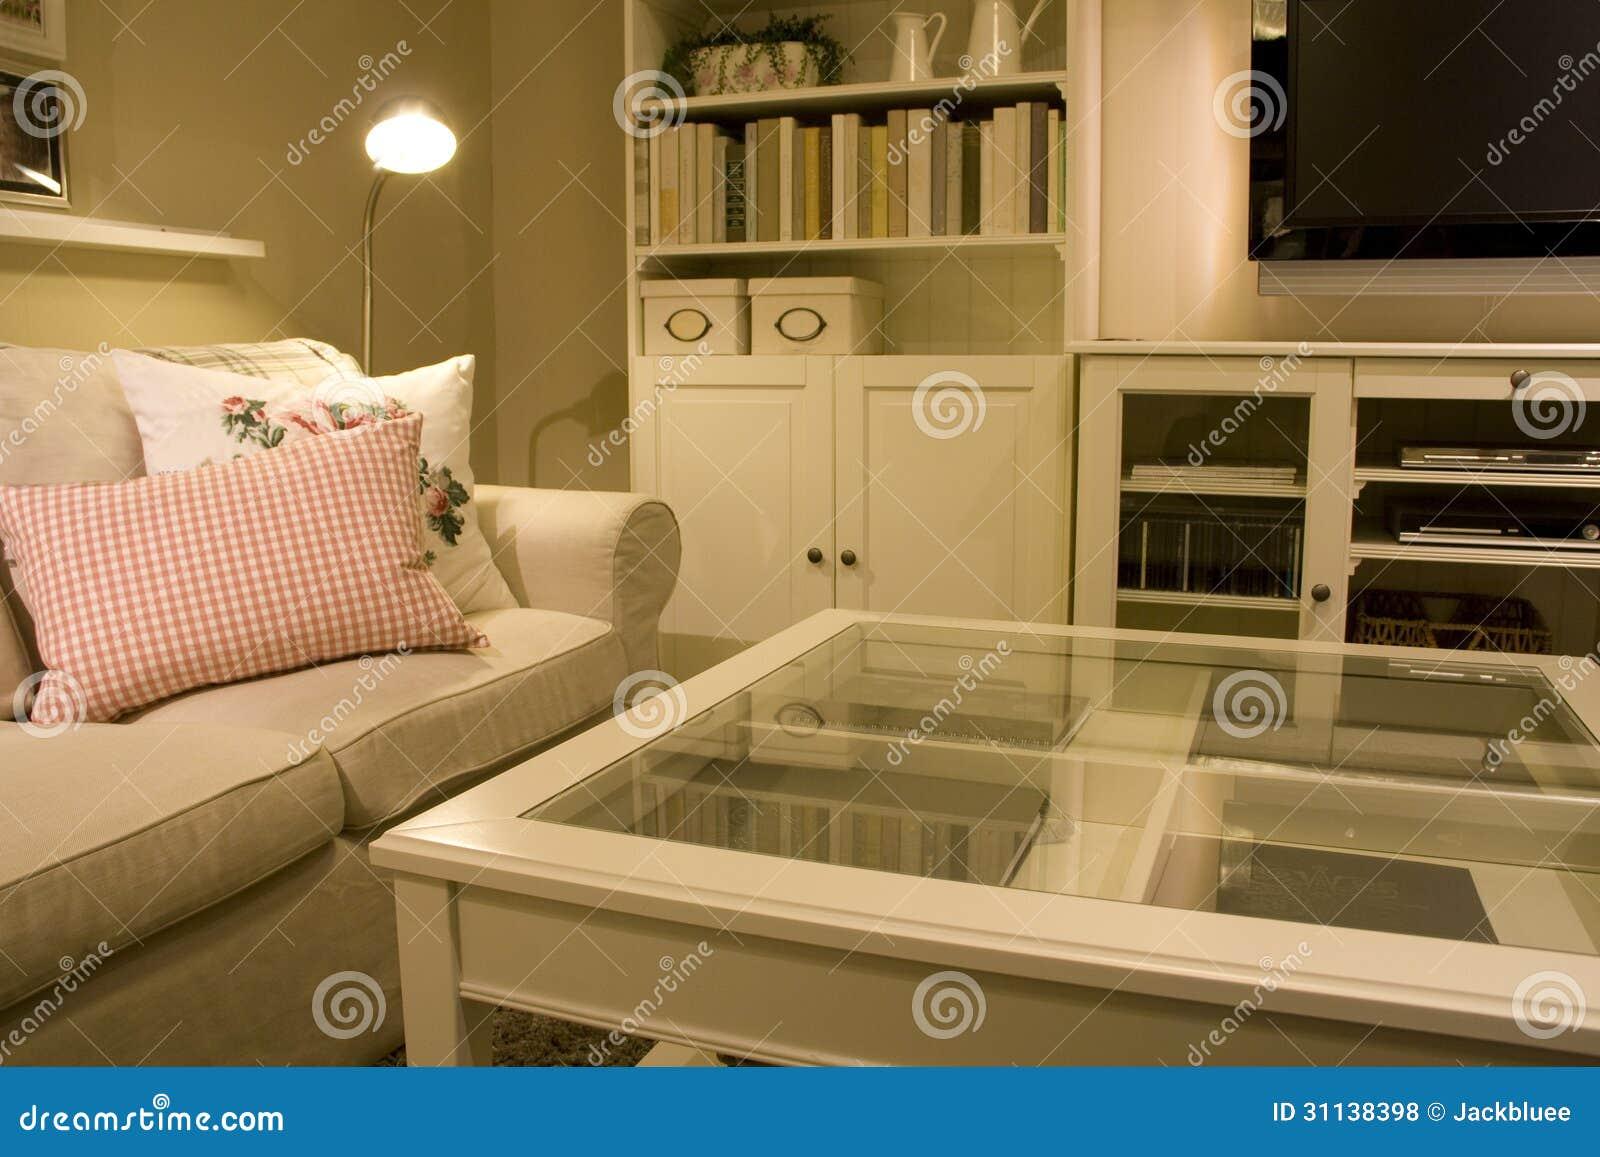 Muebles caseros de la sala de estar fotos de archivo - Muebles de salita de estar ...